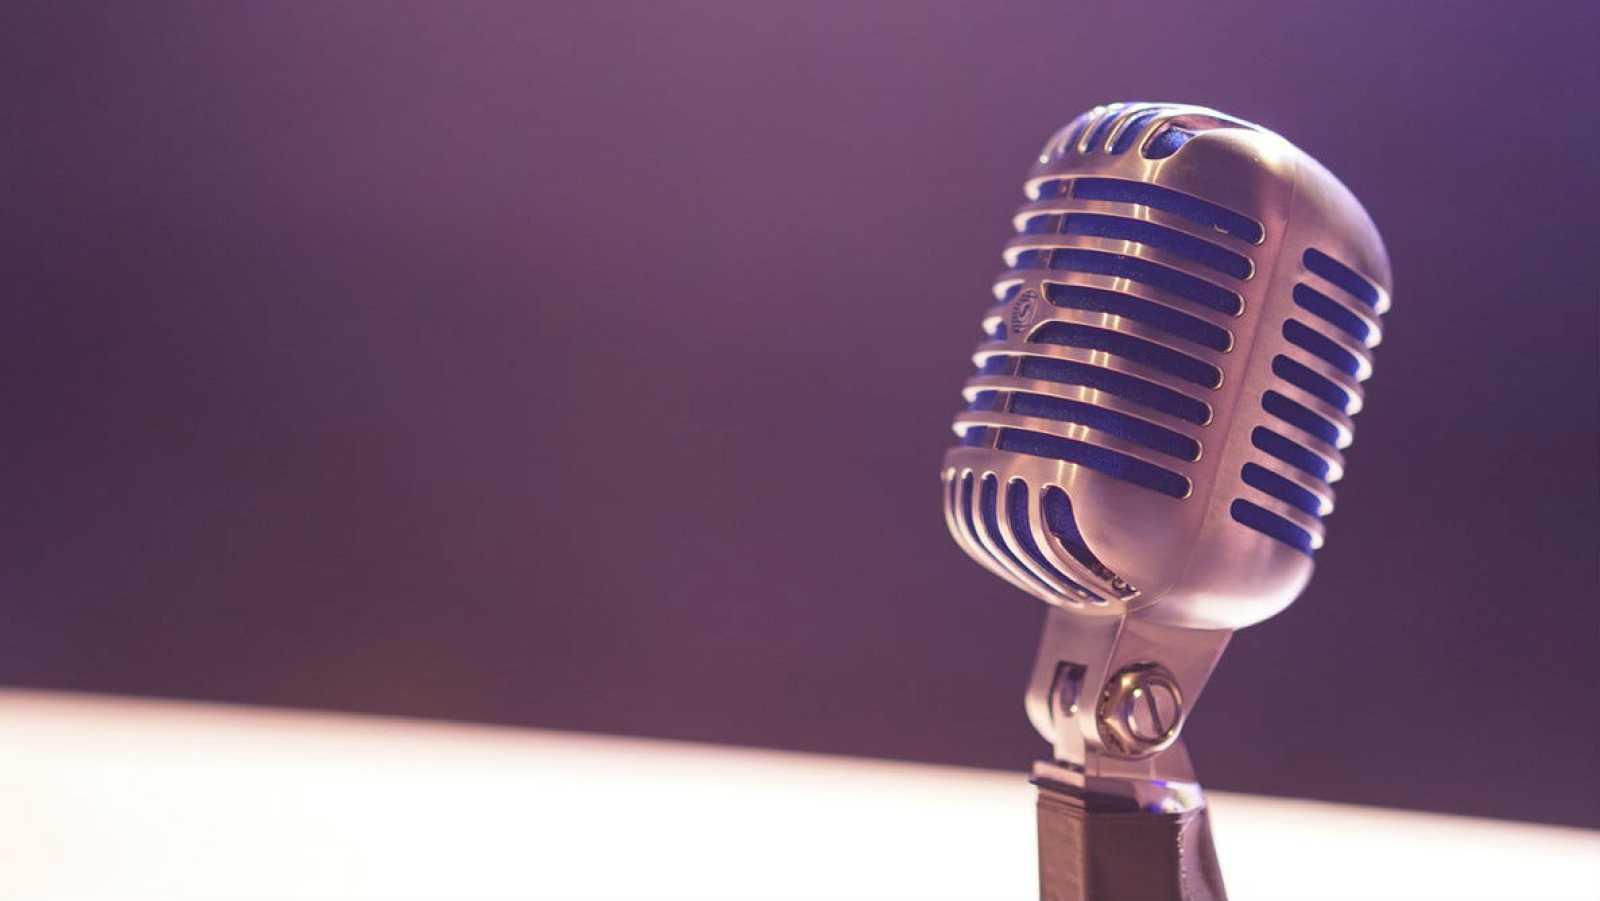 La tertulia de Radio Clásica - Aniversario del Museo del Prado - 19/11/17 - escuchar ahora